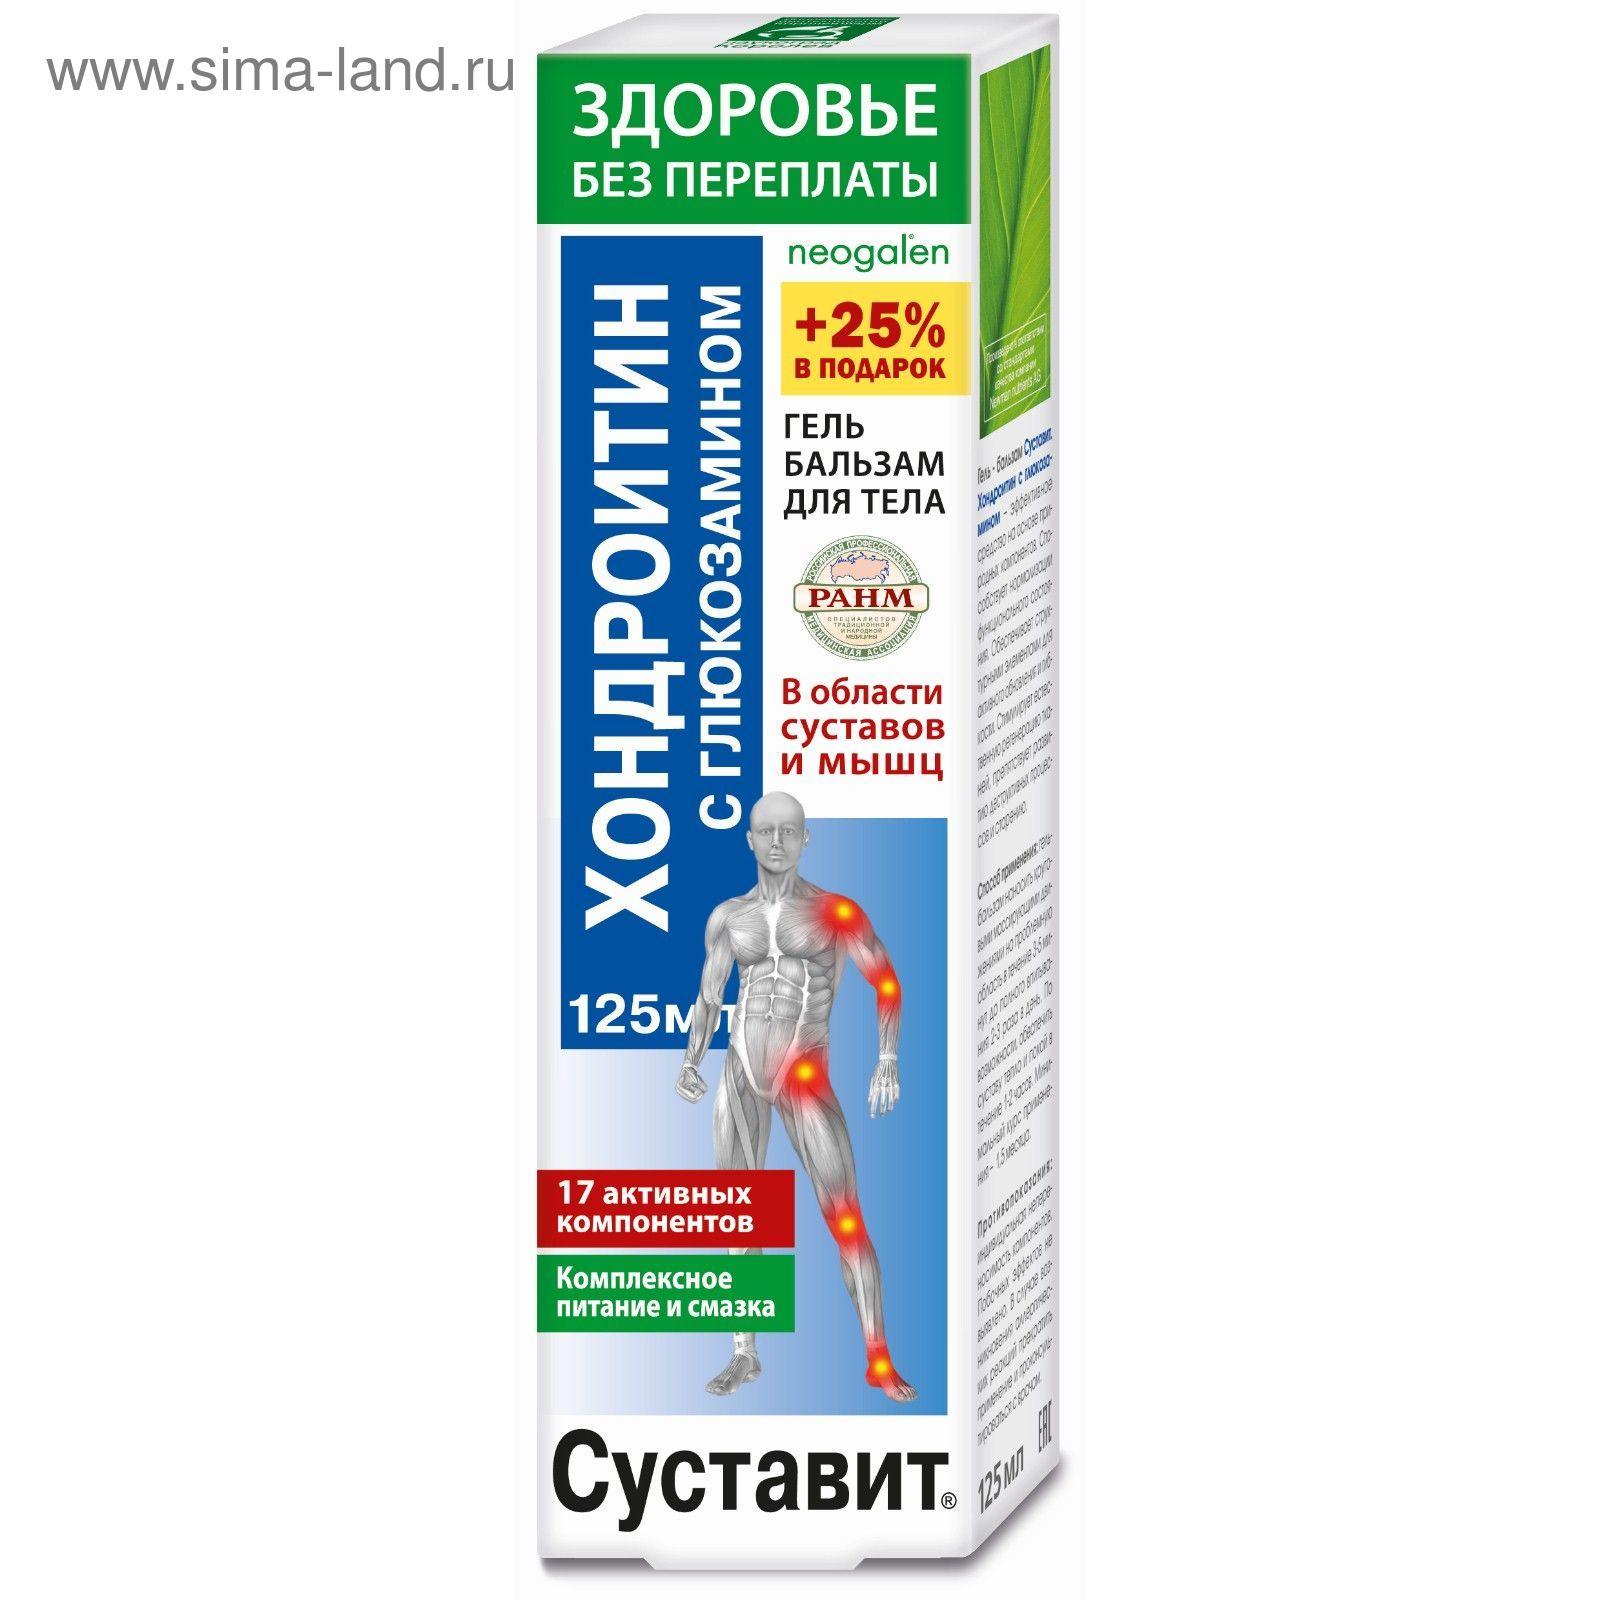 Купить суставит гель бальзам с хондроитином и глюкозамином обязательно ли иметь инвалидность при протезировании суставов по квоте